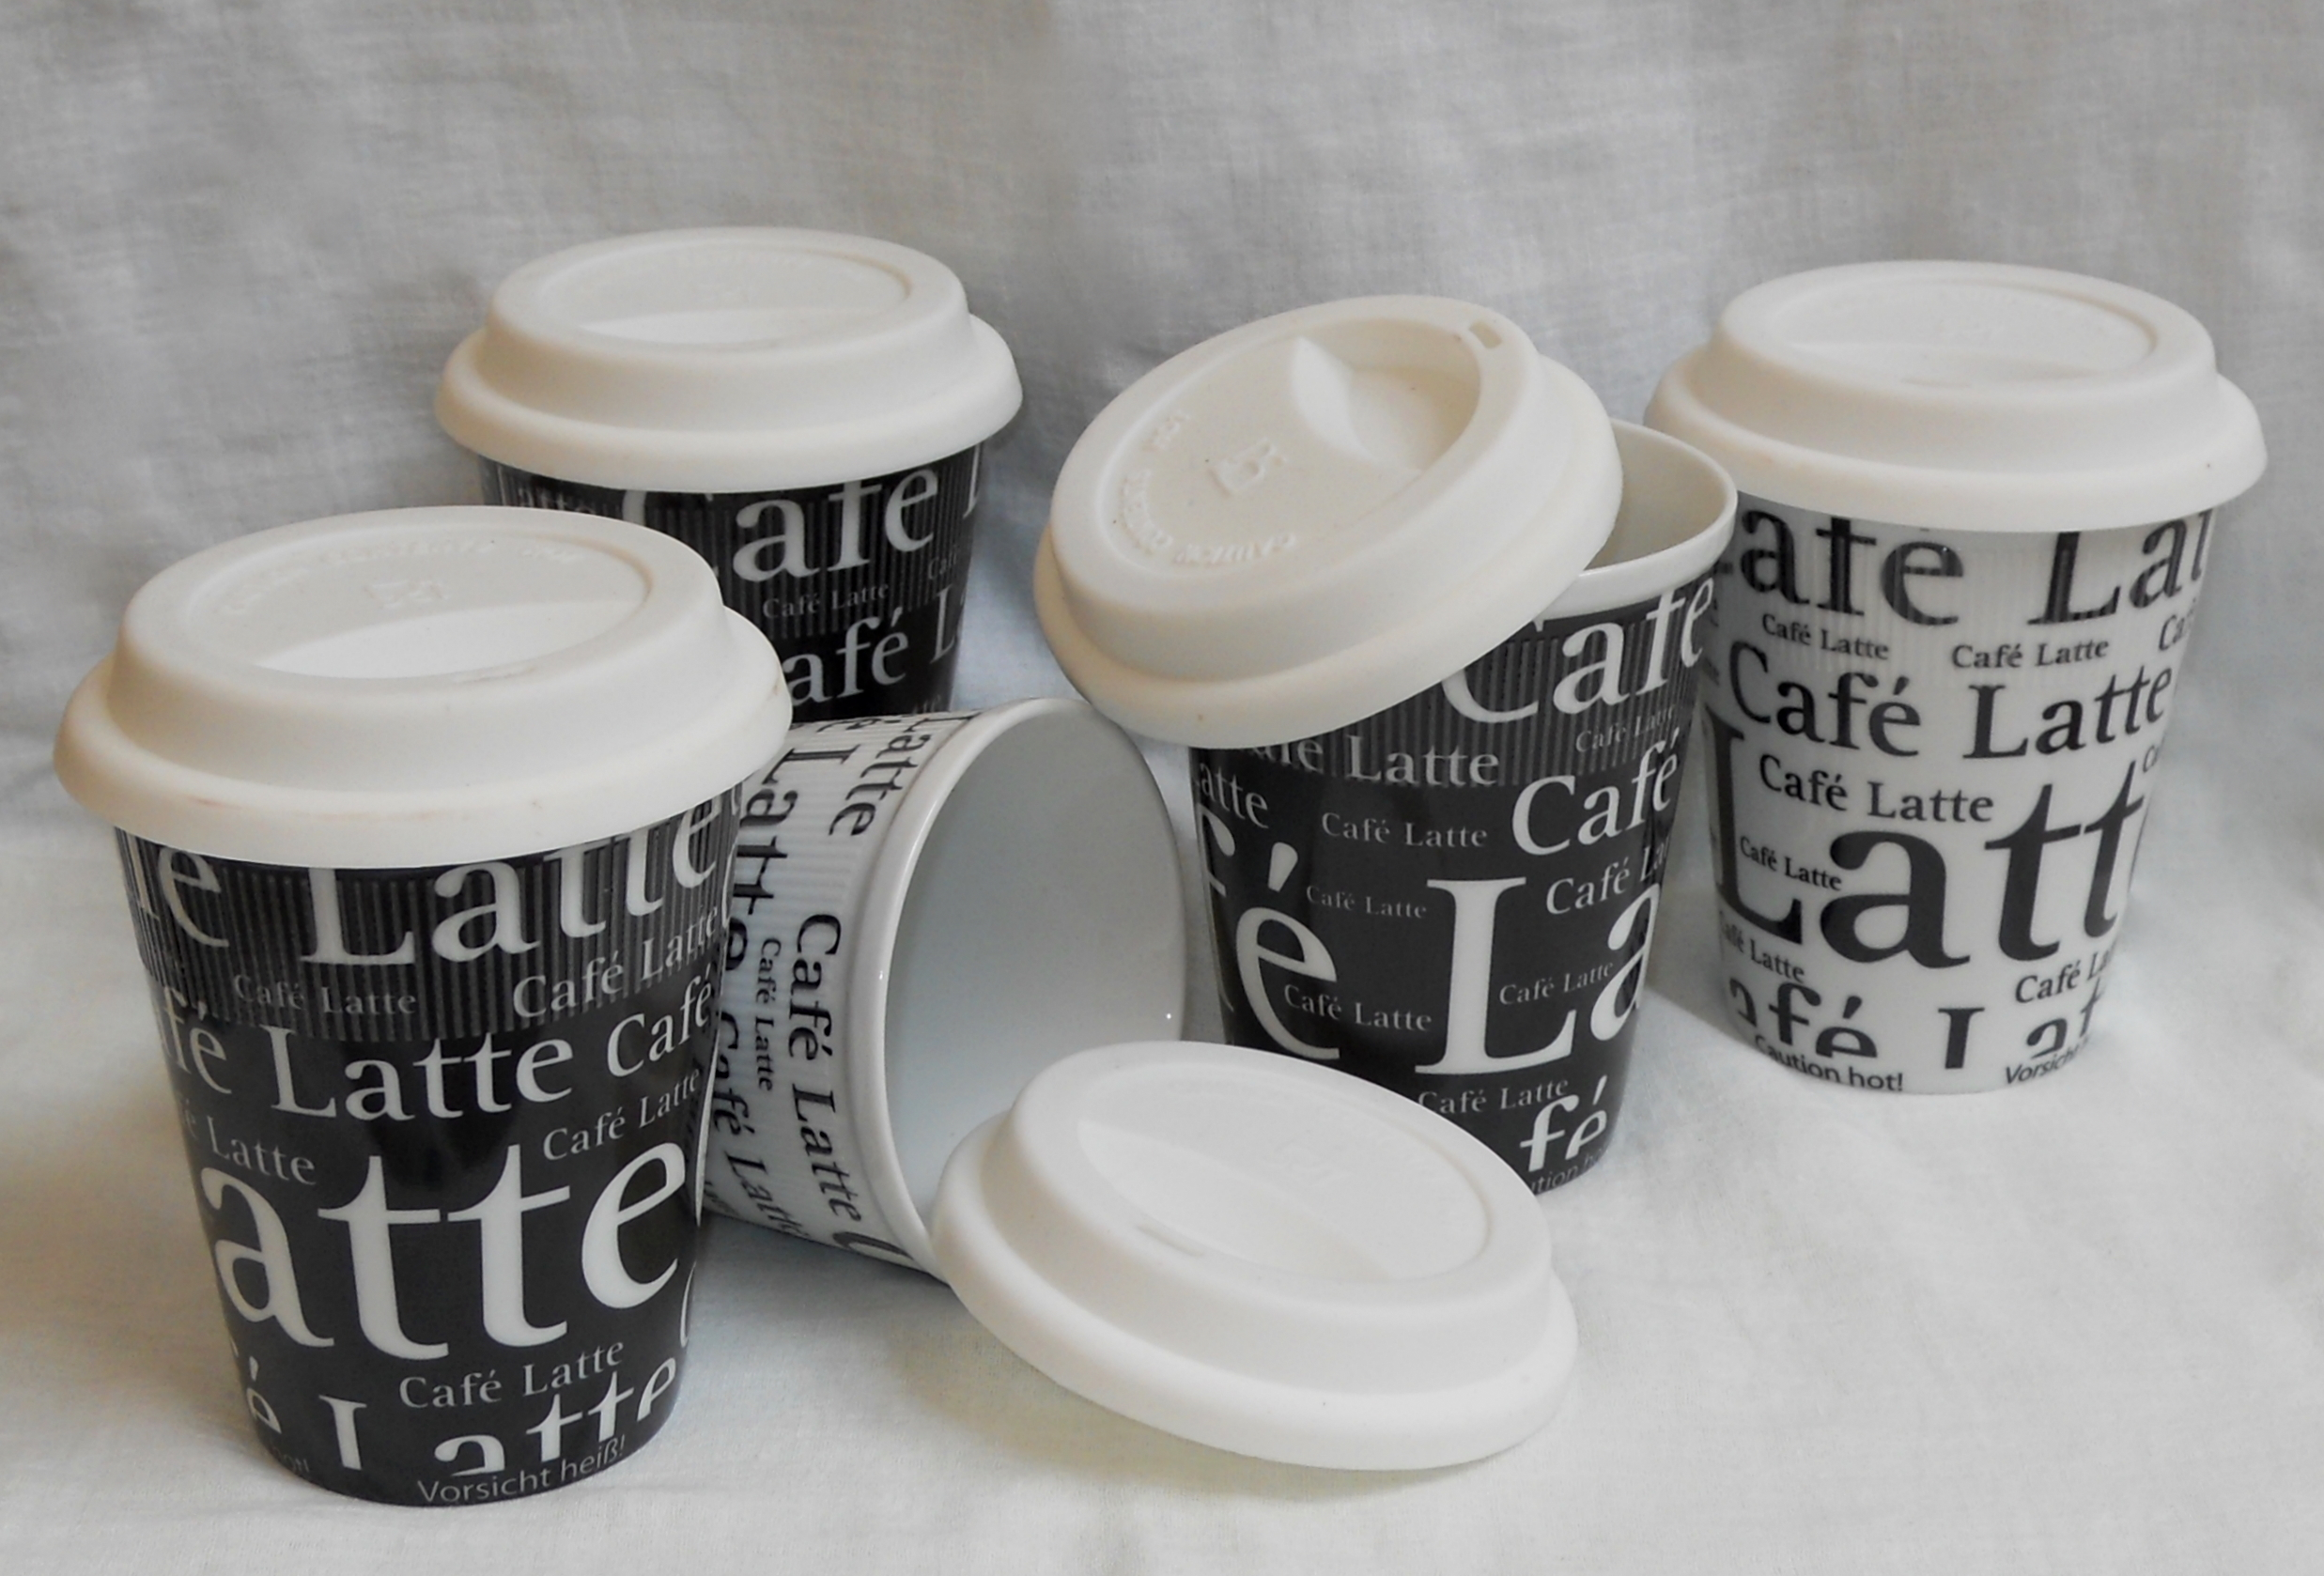 Credenza Con Tazze : Tazze e zuccheriera ceramica franco pozzi a forlì kijiji